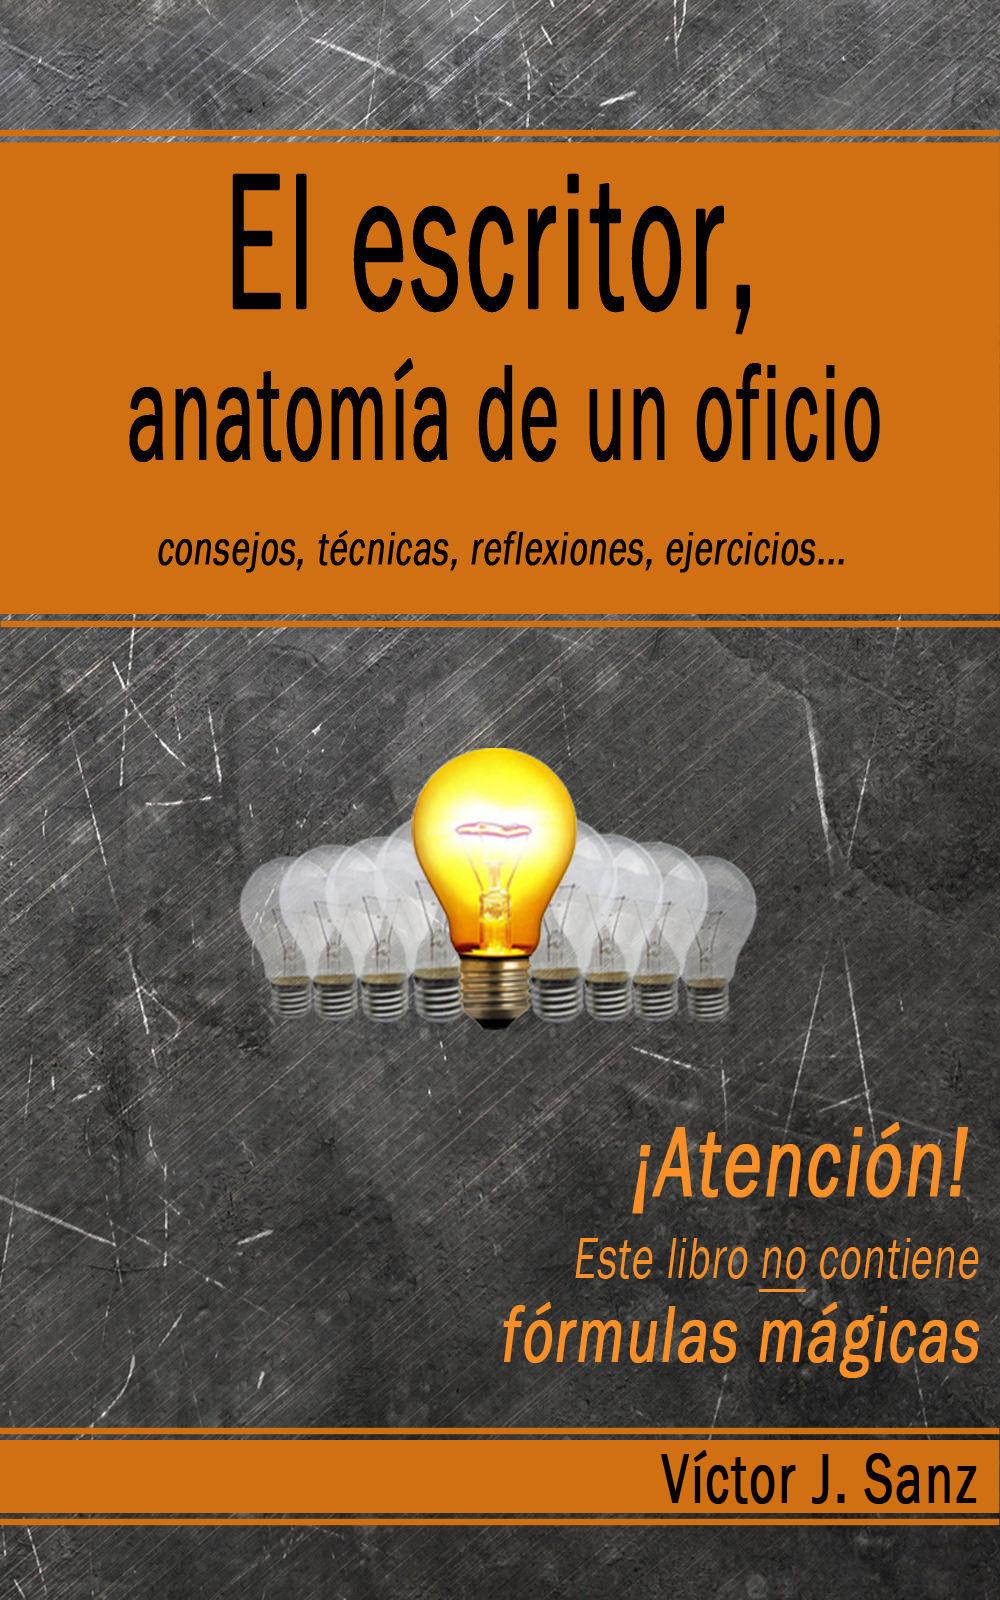 EL ESCRITOR, ANATOMÍA DE UN OFICIO EBOOK | VICTOR J. SANZ ...